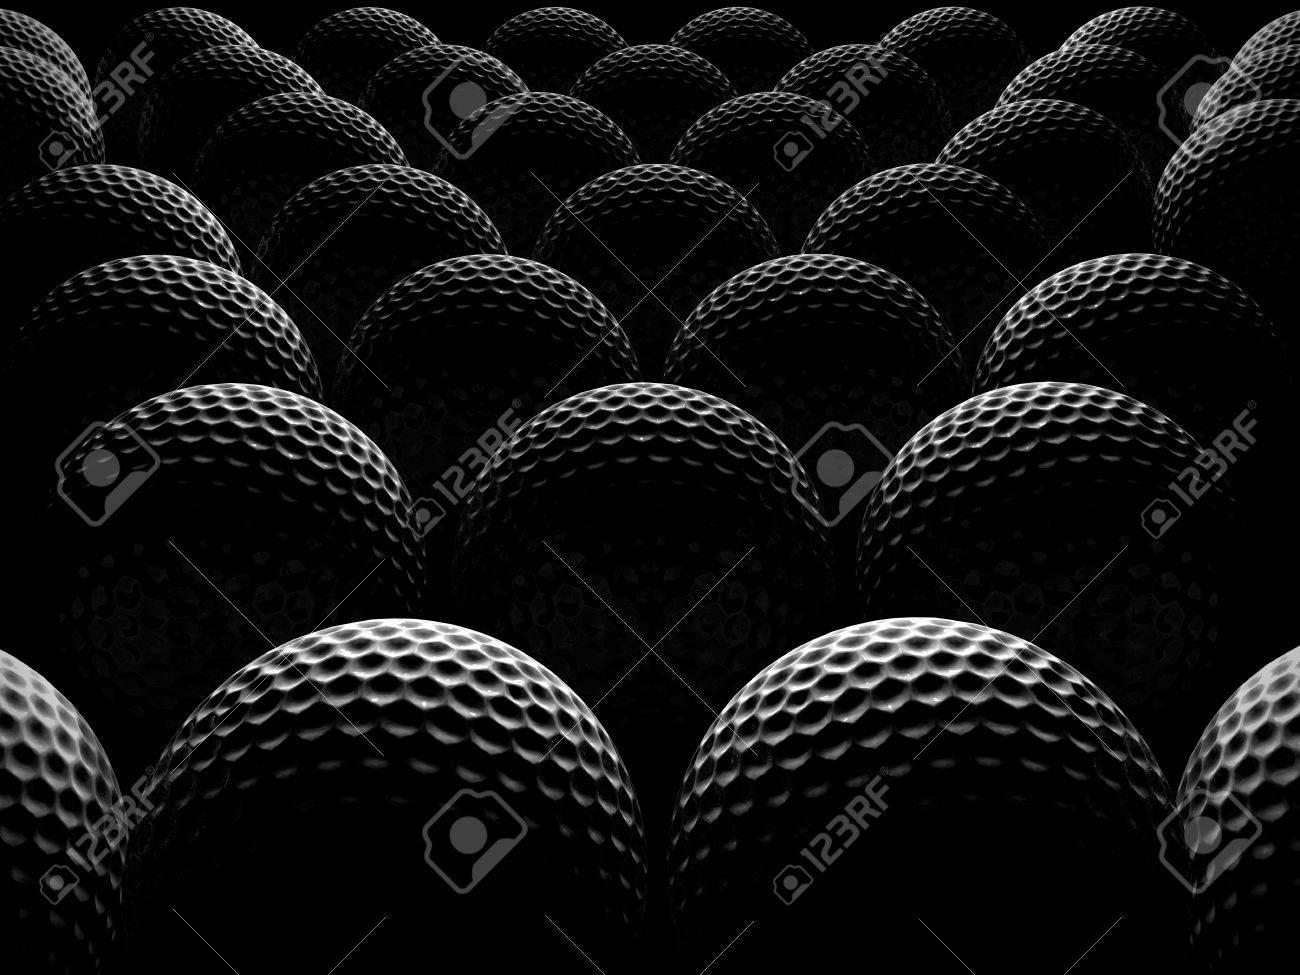 golf balls over dark background - 16083513